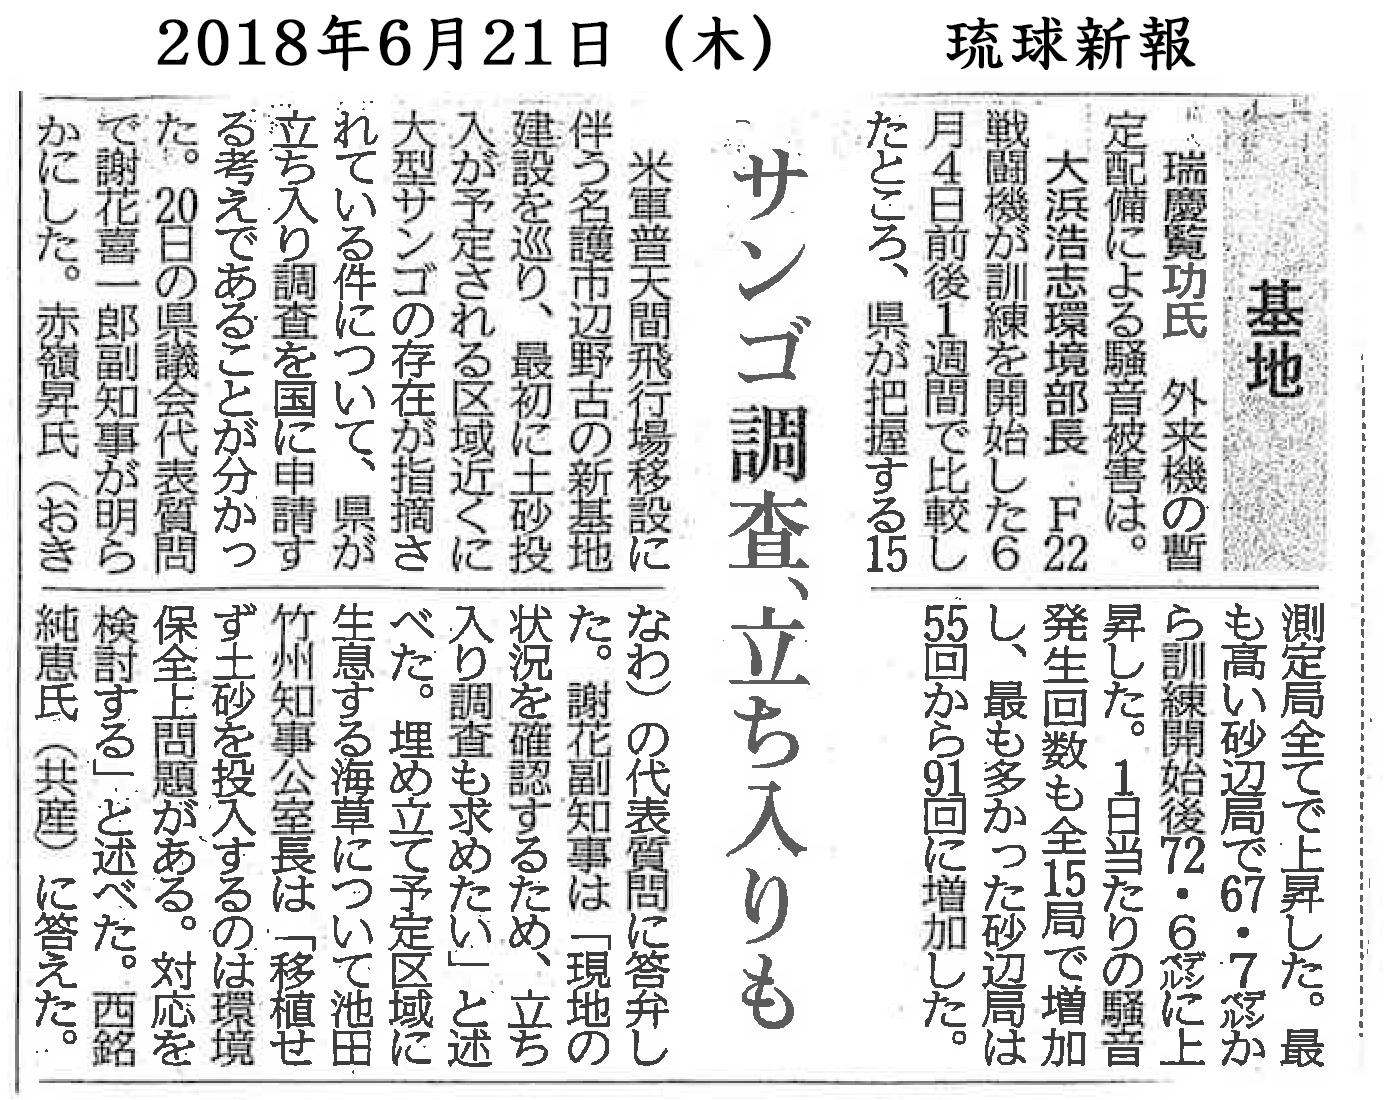 【琉球新報】サンゴ調査、立ち入りも